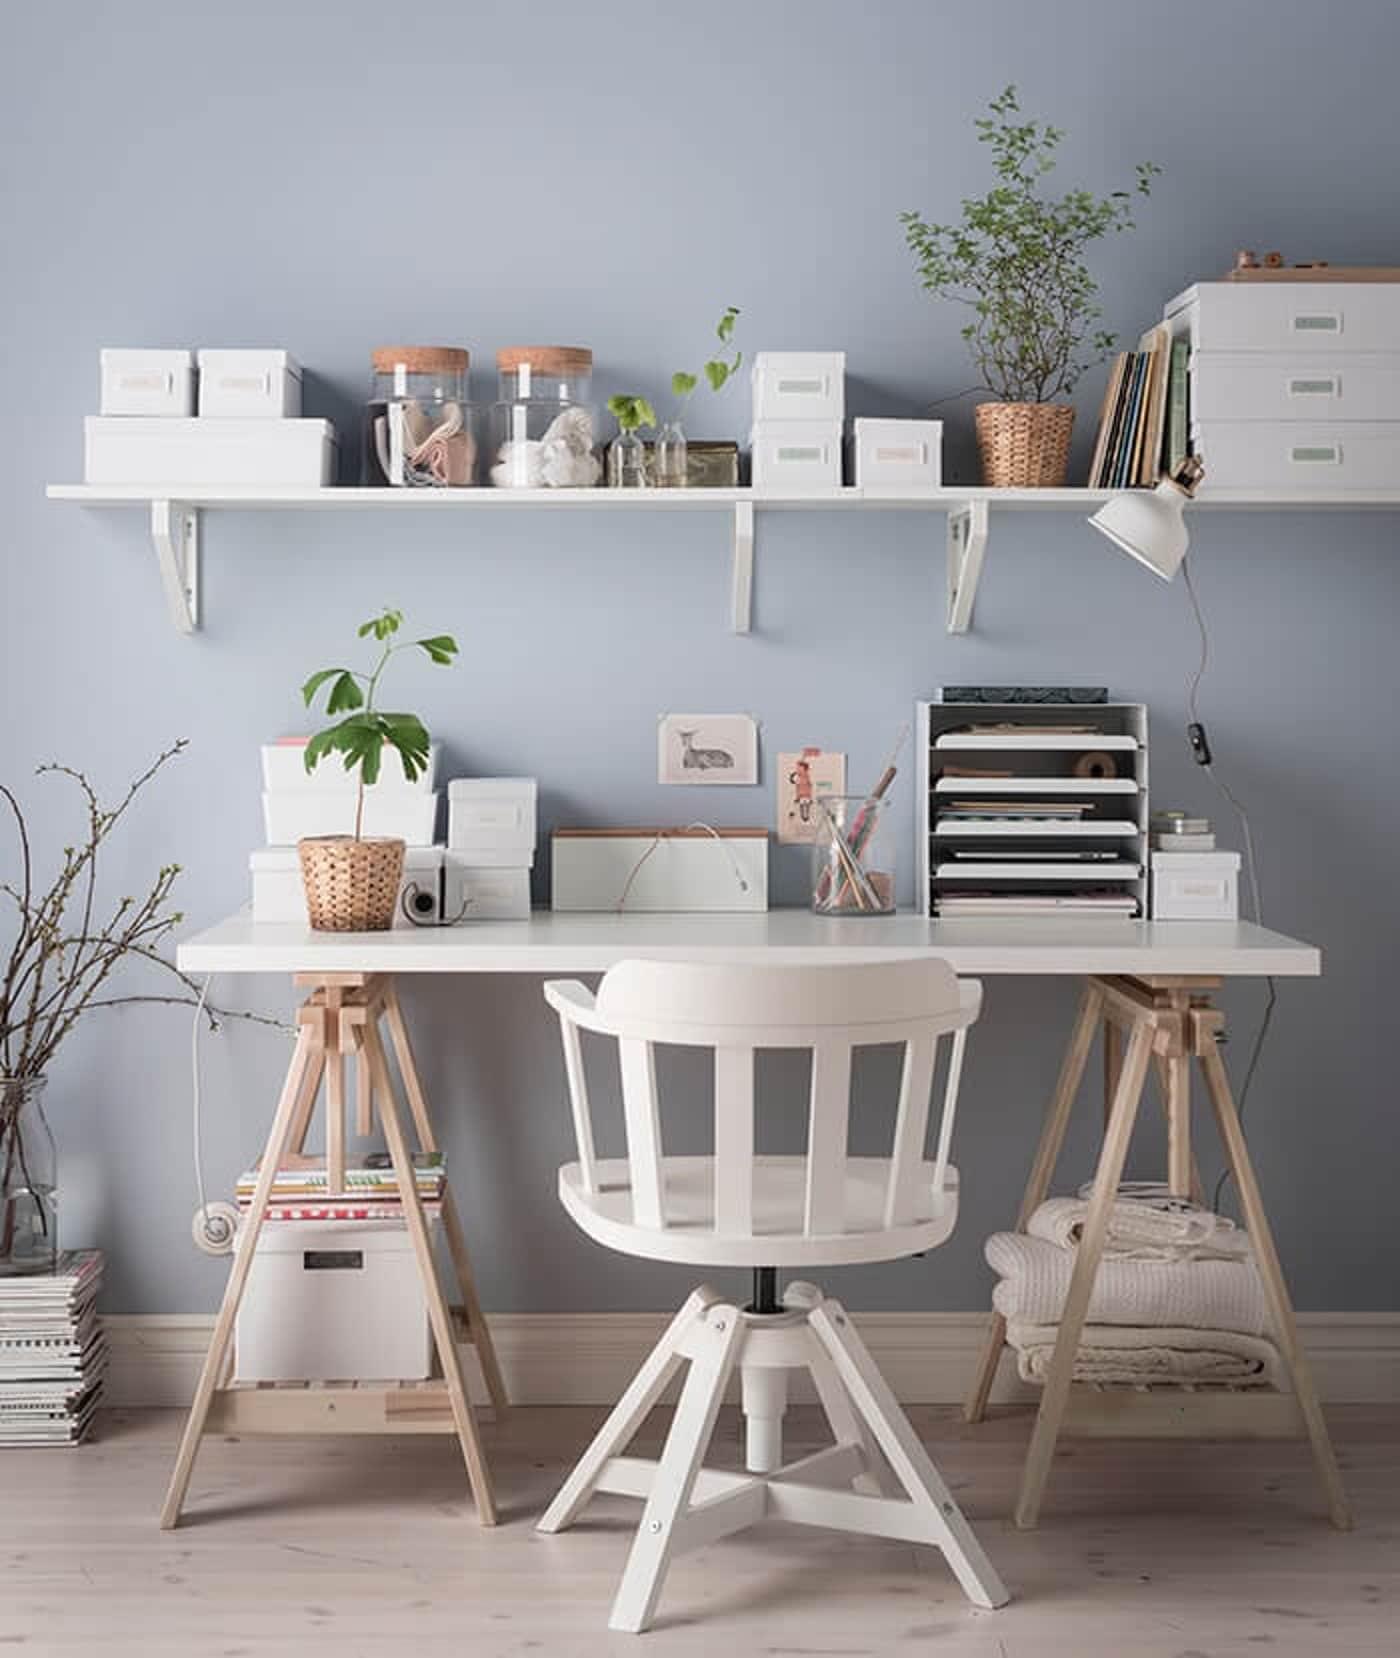 Bureau Plank Aan Muur.Een Opgeuimd Bureau Dat Is Geen Kunst Ikea